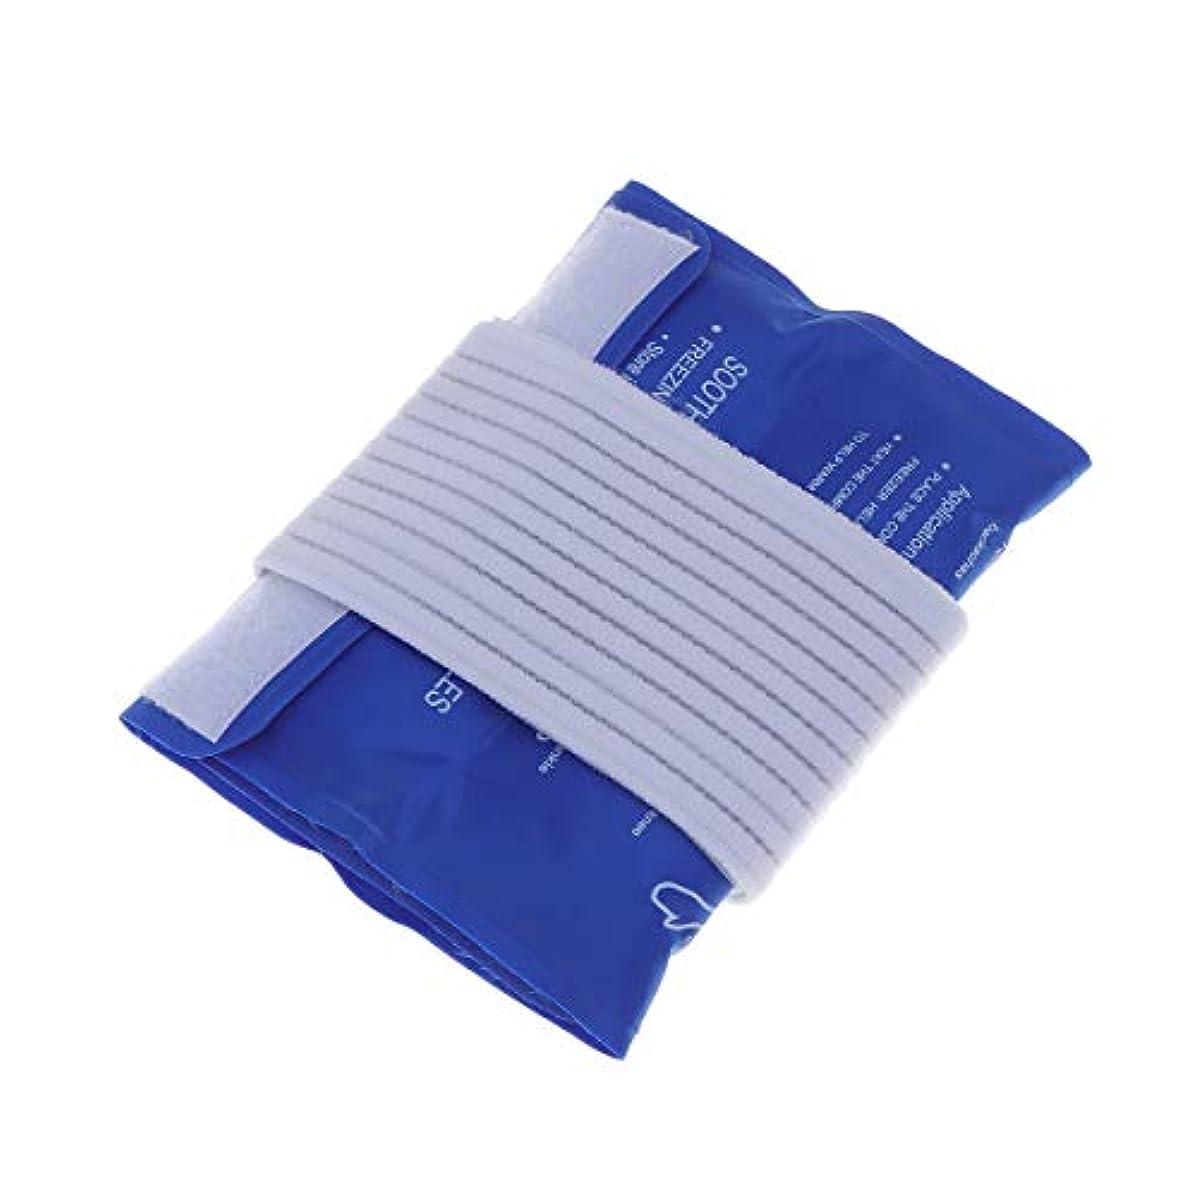 腐食する仲間、同僚彼らのHealifty メディカルホット&コールドストラップポータブル調節可能ヒートストローク夏の冷却多機能コールドコンプレッションバッグ(ブルー)